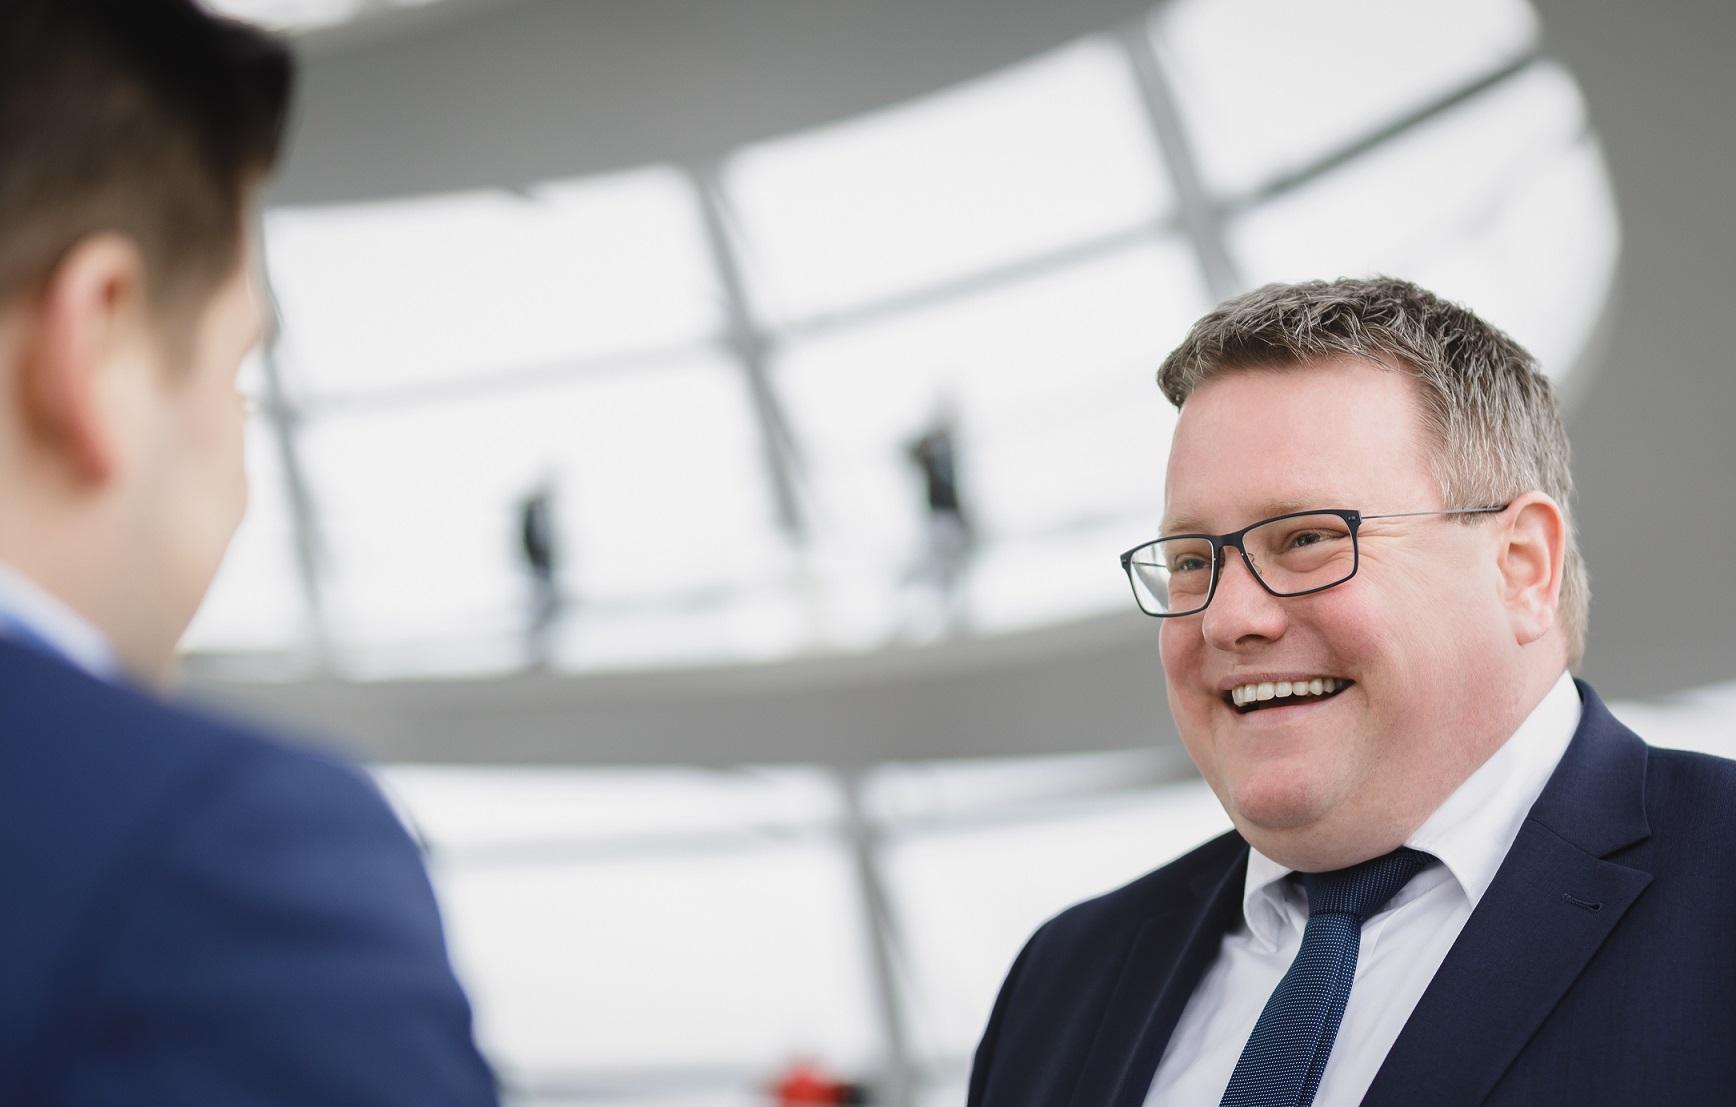 Ehrenamt stärken. Versorgung sichern - Zwei Initiativen aus Homburg erhalten Fördermittel